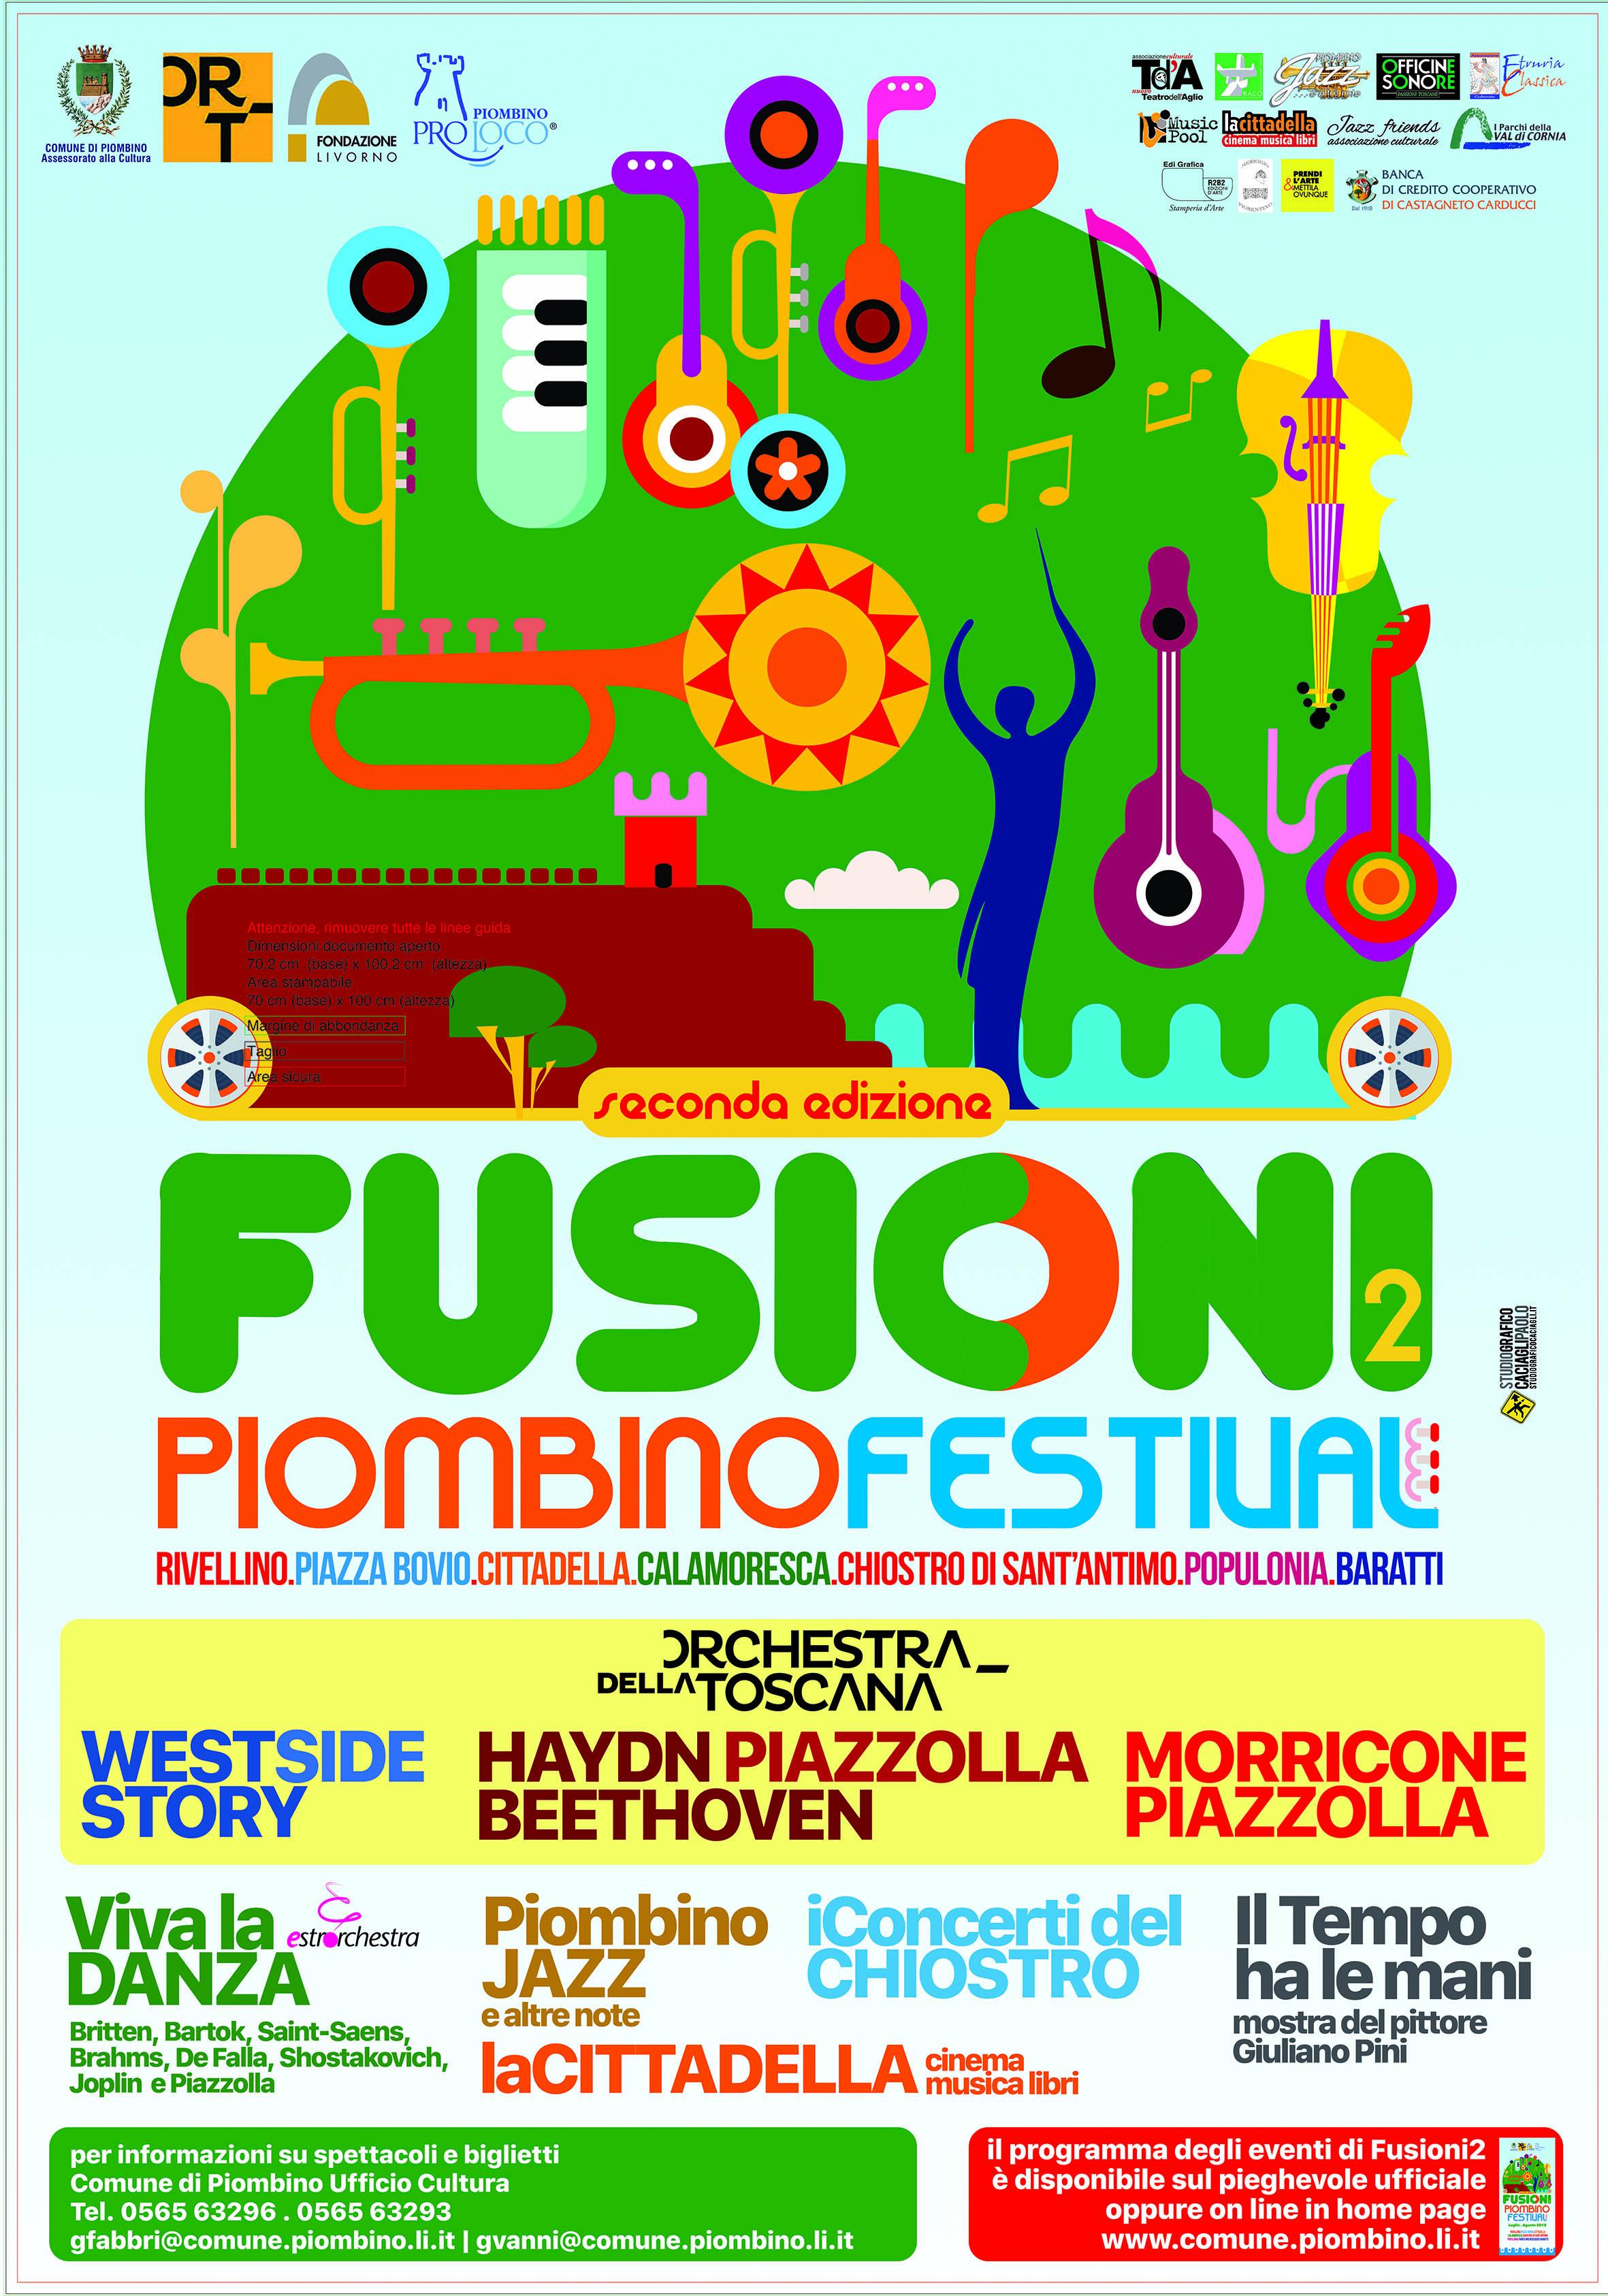 Fusioni 2 Piombino Festival